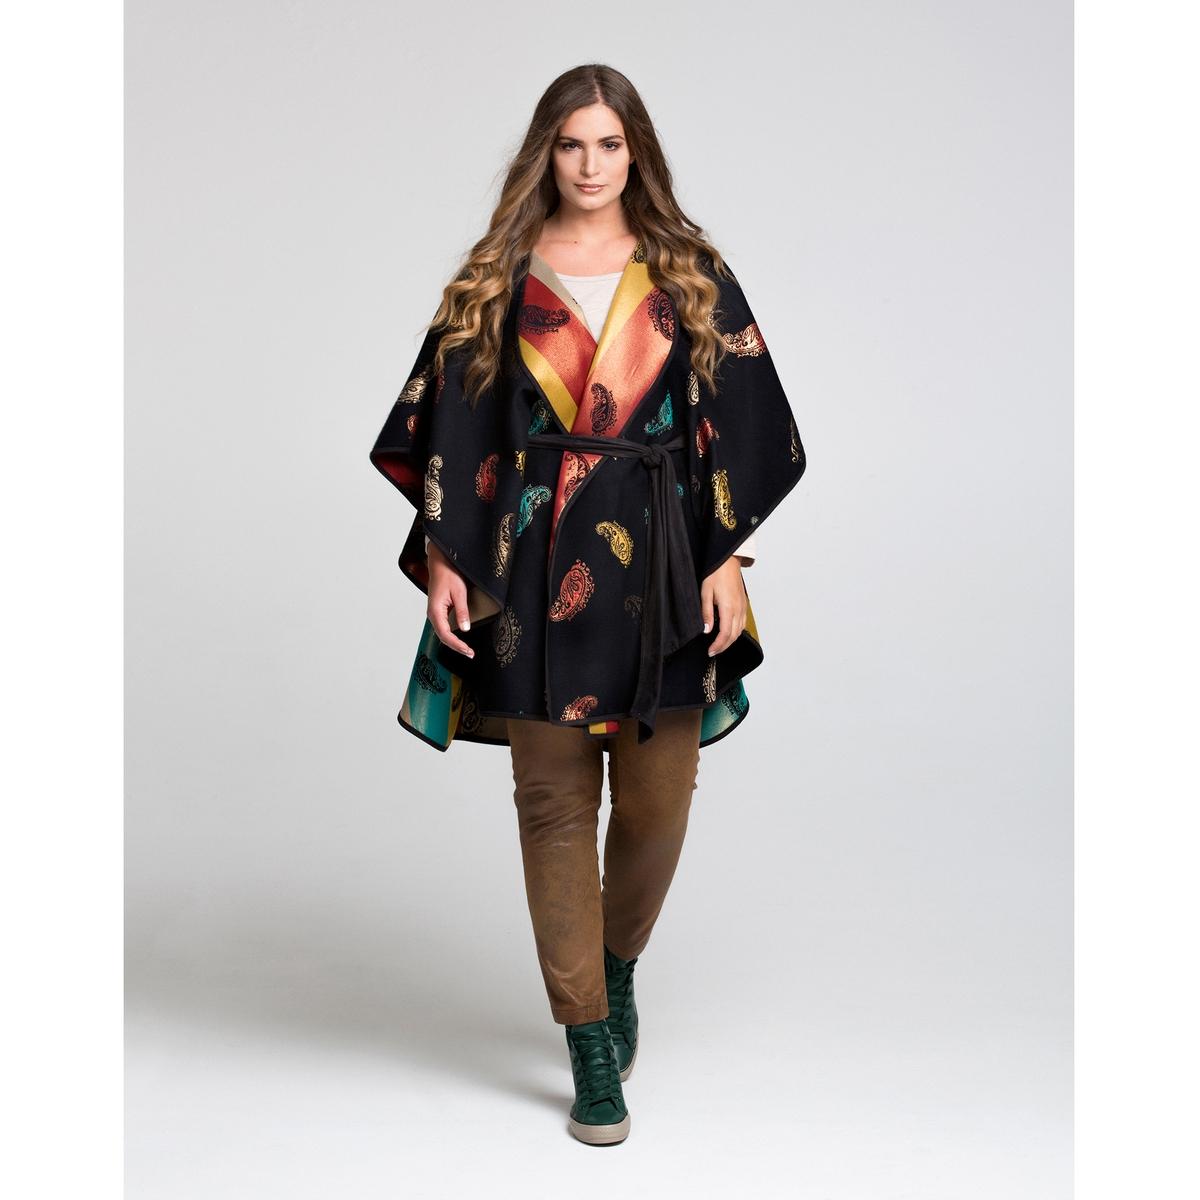 Кейп двустороннийКейп двусторонний MAT FASHION . 79% полиэстера, 16% акрила, 5% металла. Кейп с красивым разноцветным рисунком, который можно носить с двух сторон . Рукава летучая мышь и пояс в стиле кимоно . Симпатичный кейп единого размера, подходящий для размеров от 46 до 54 .<br><br>Цвет: набивной рисунок<br>Размер: 48/52 (FR) - 54/58 (RUS)